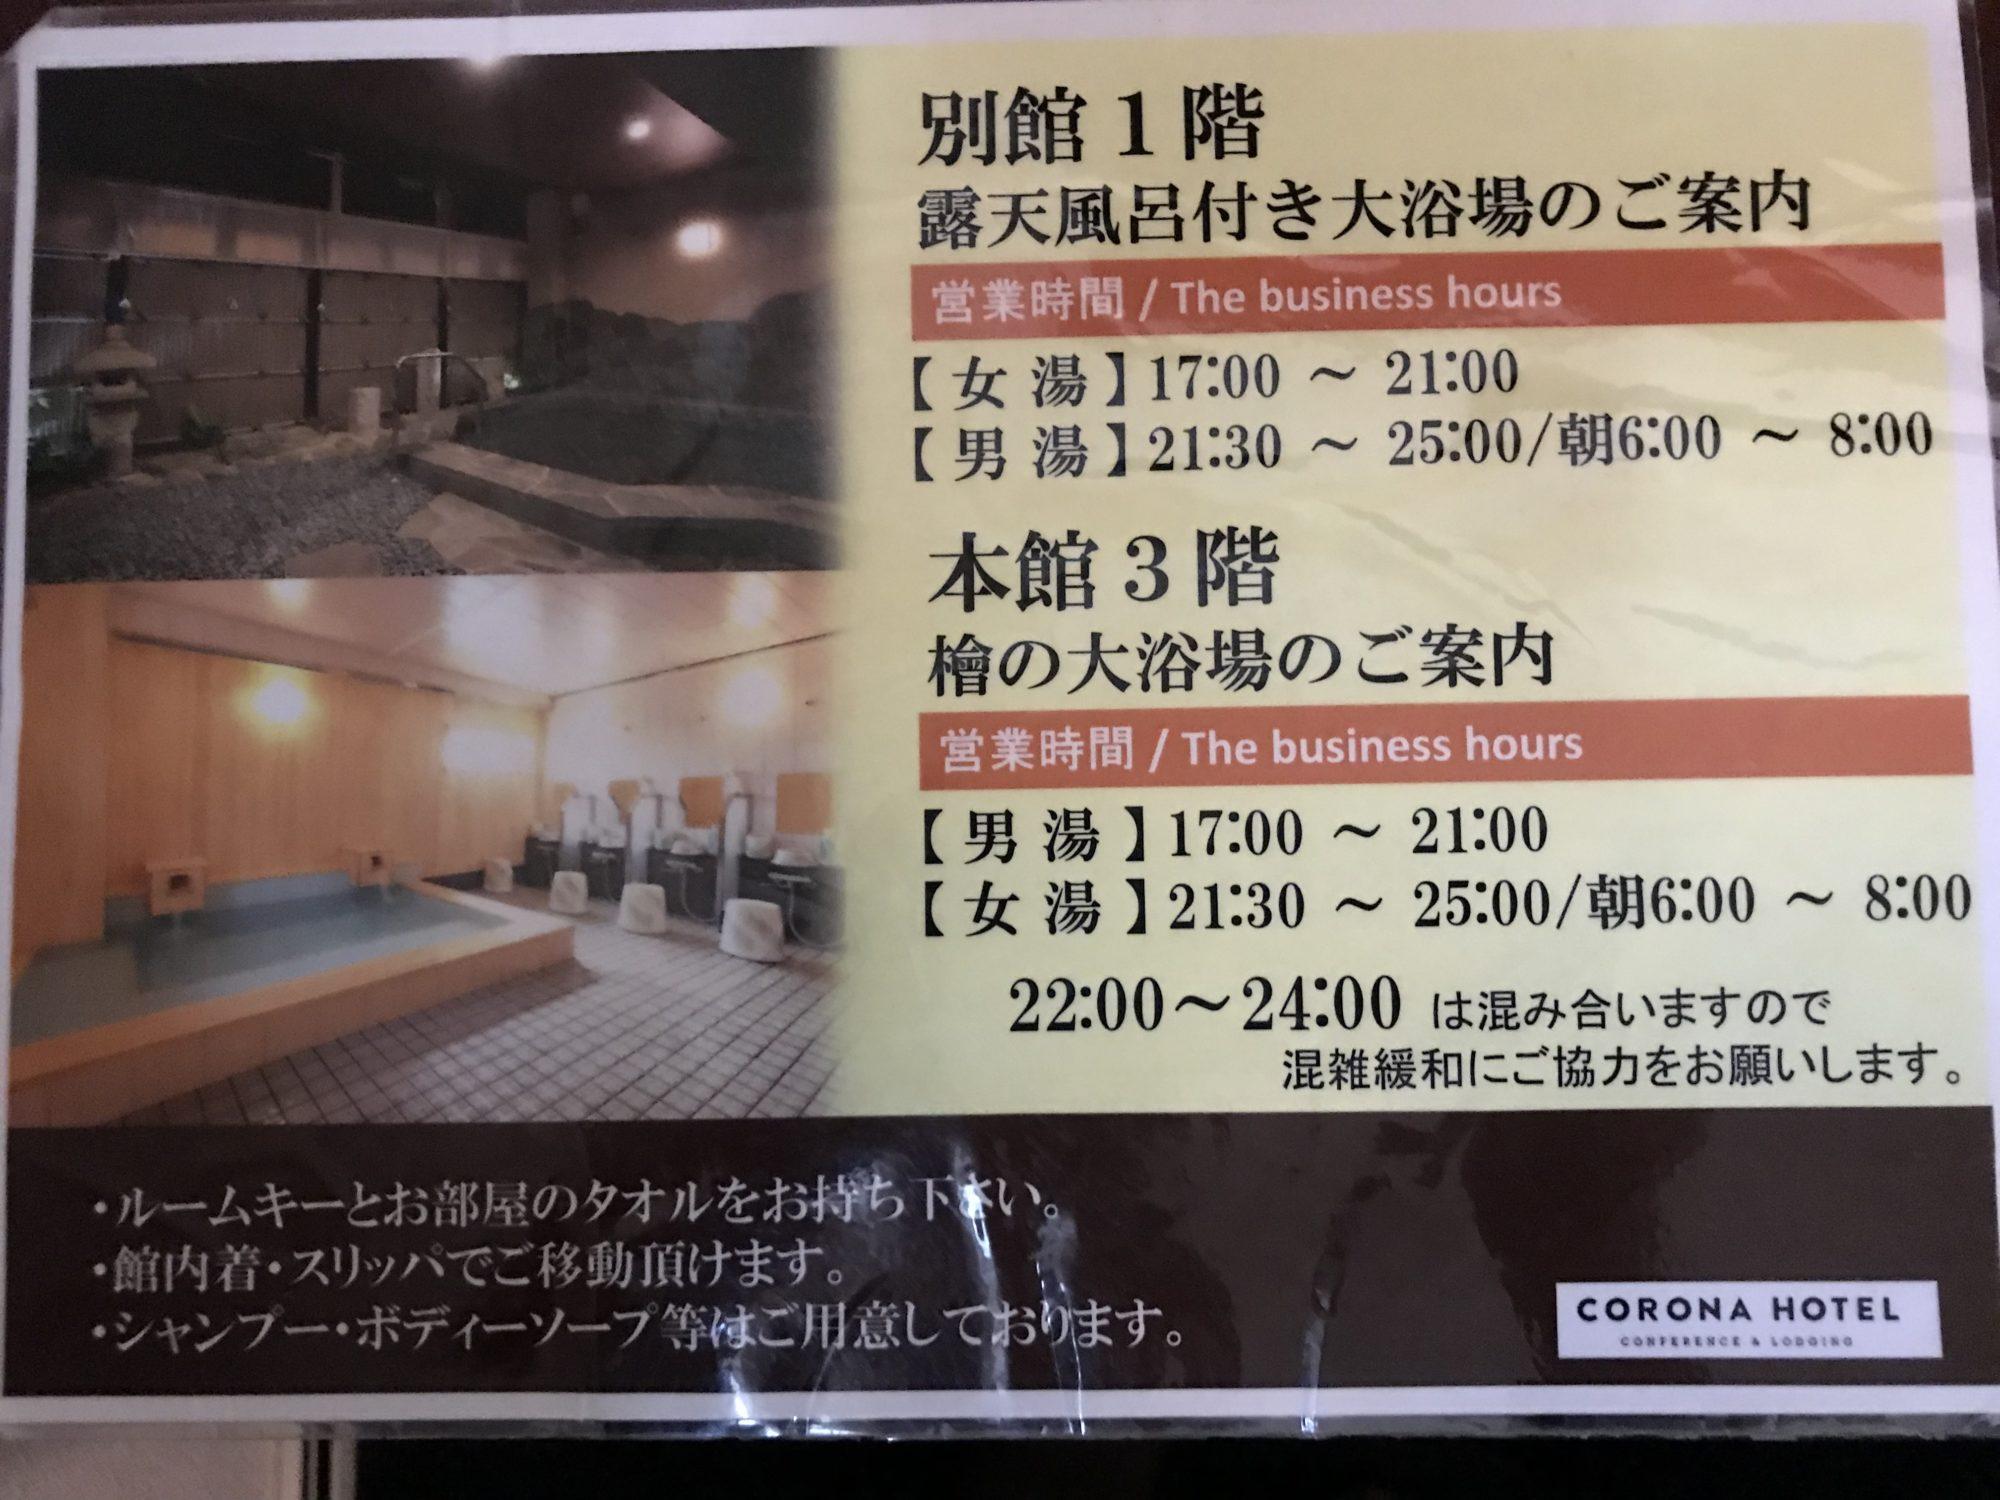 大阪コロナホテル